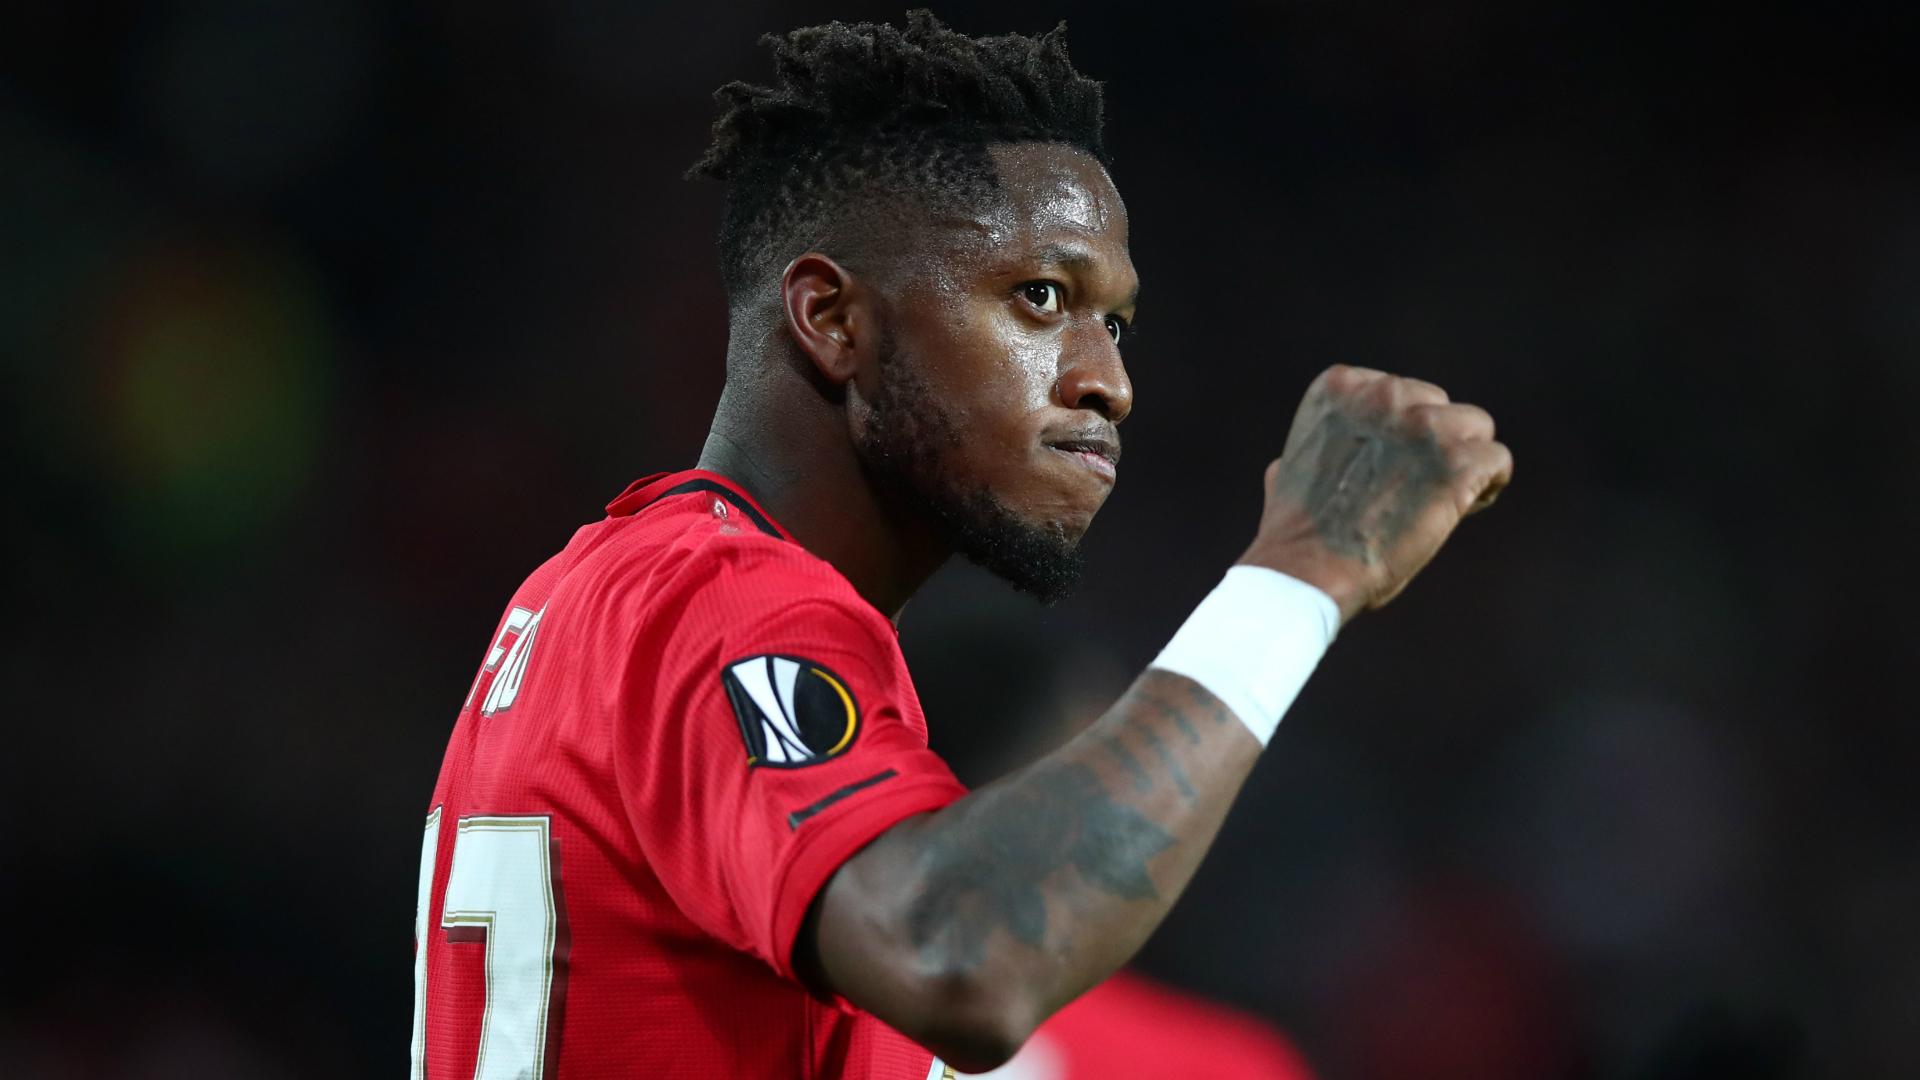 Man Utd to face LASK in Europa League last 16